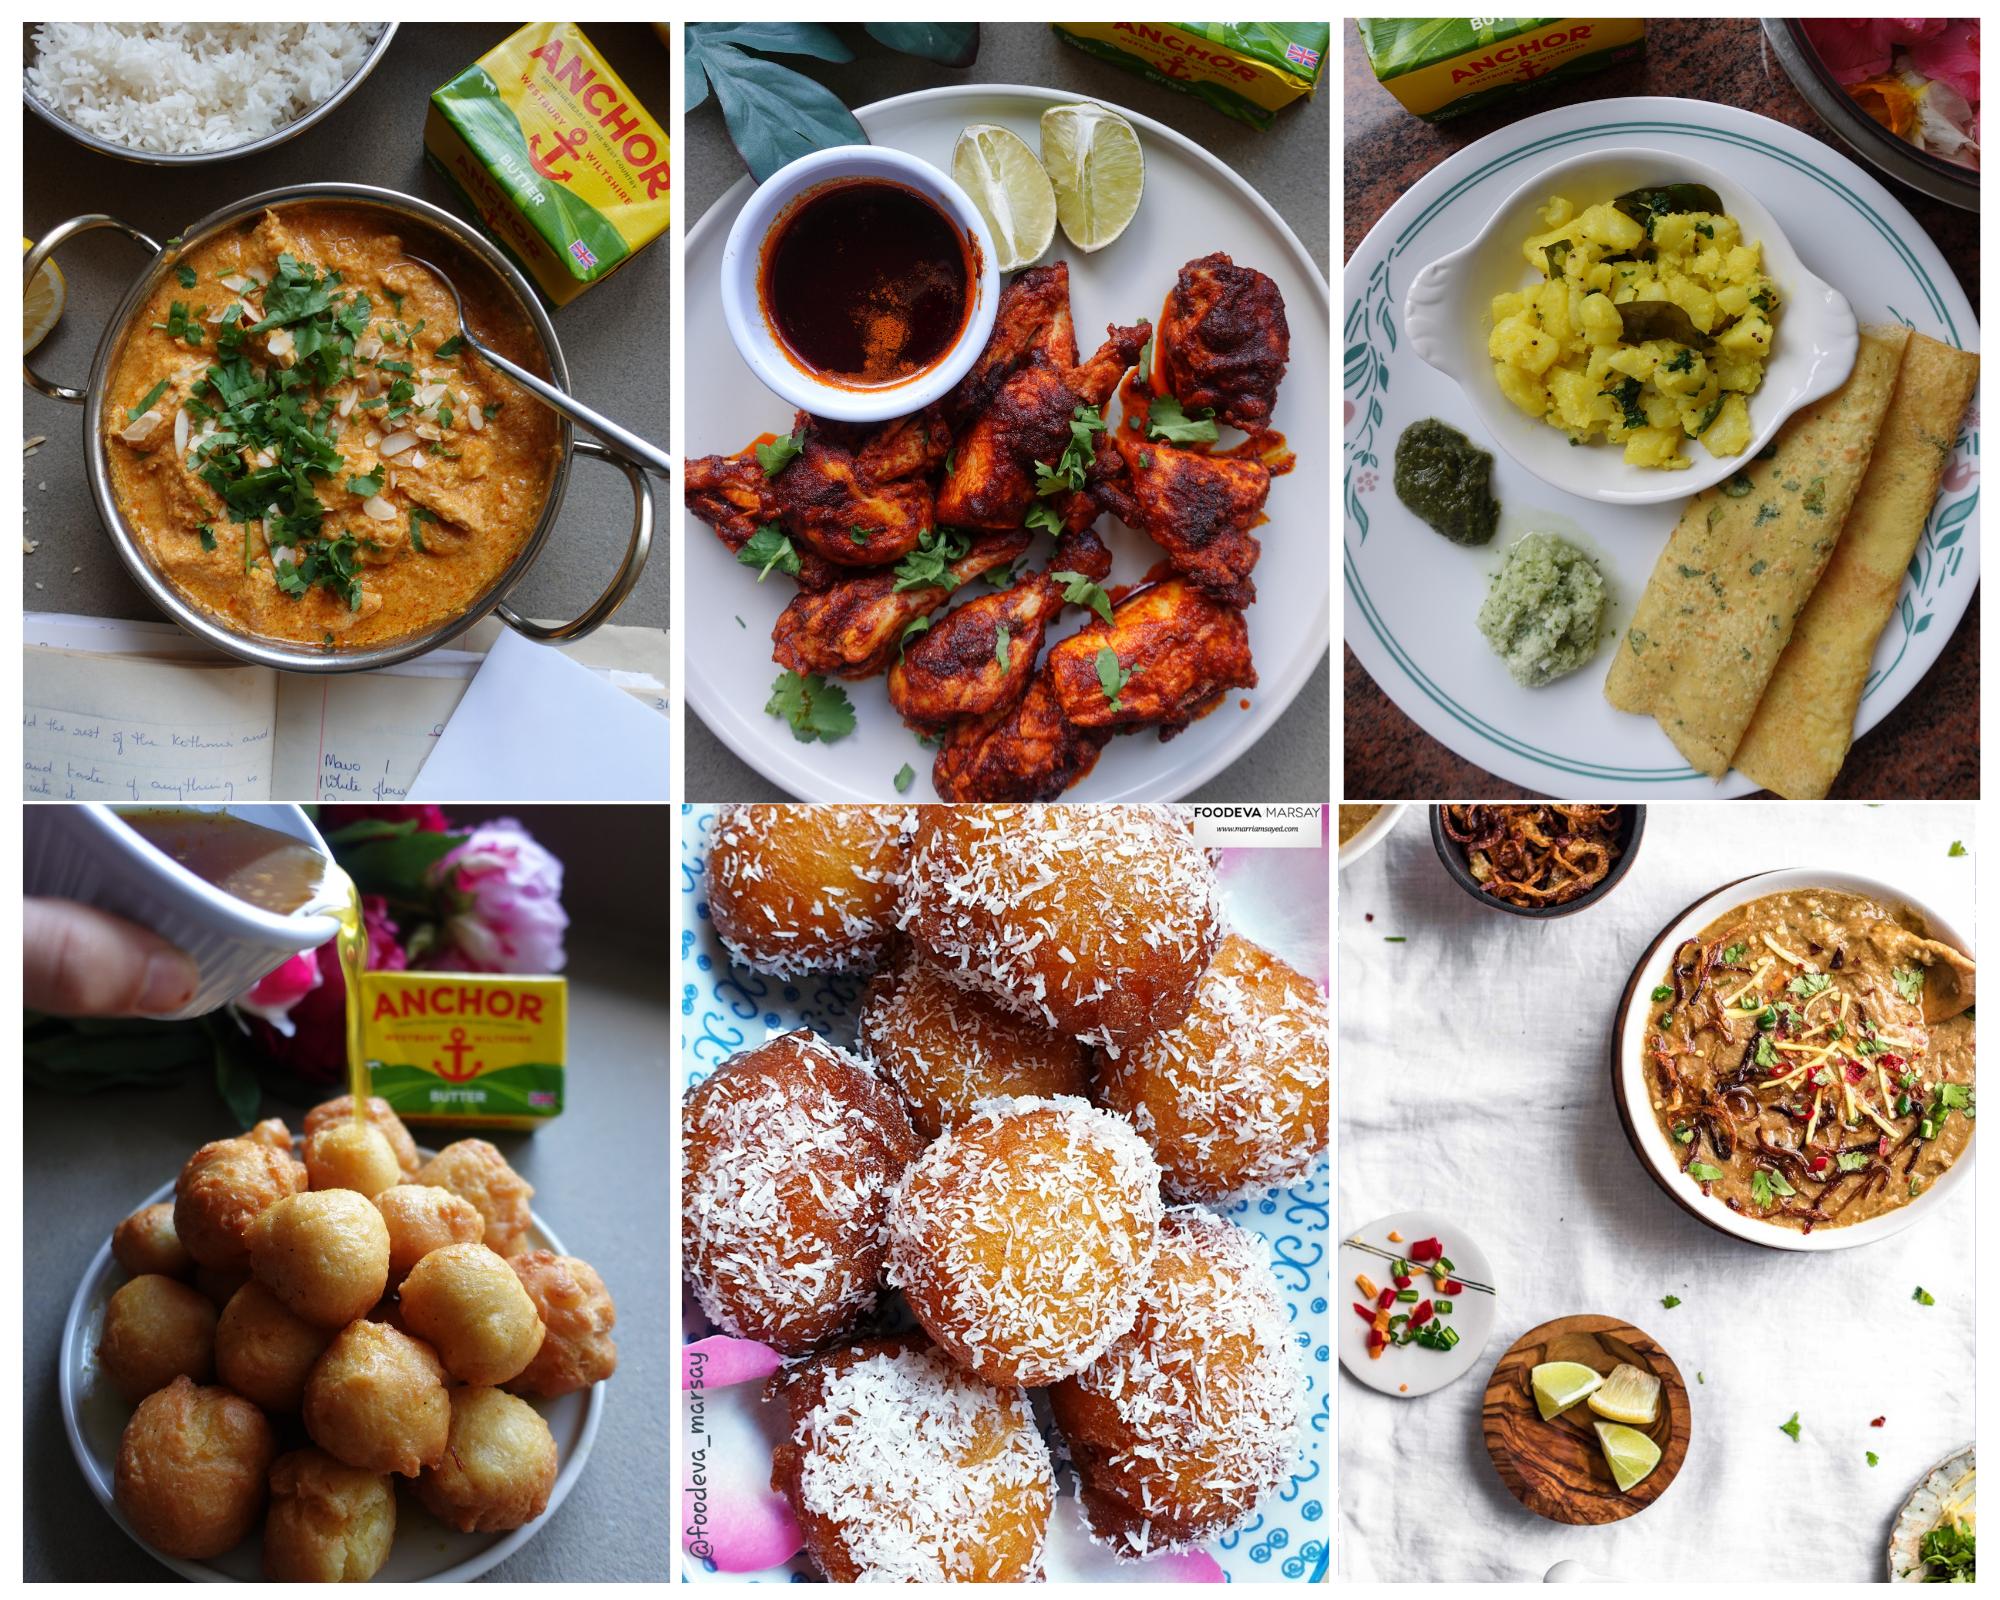 anchor butter ramadan